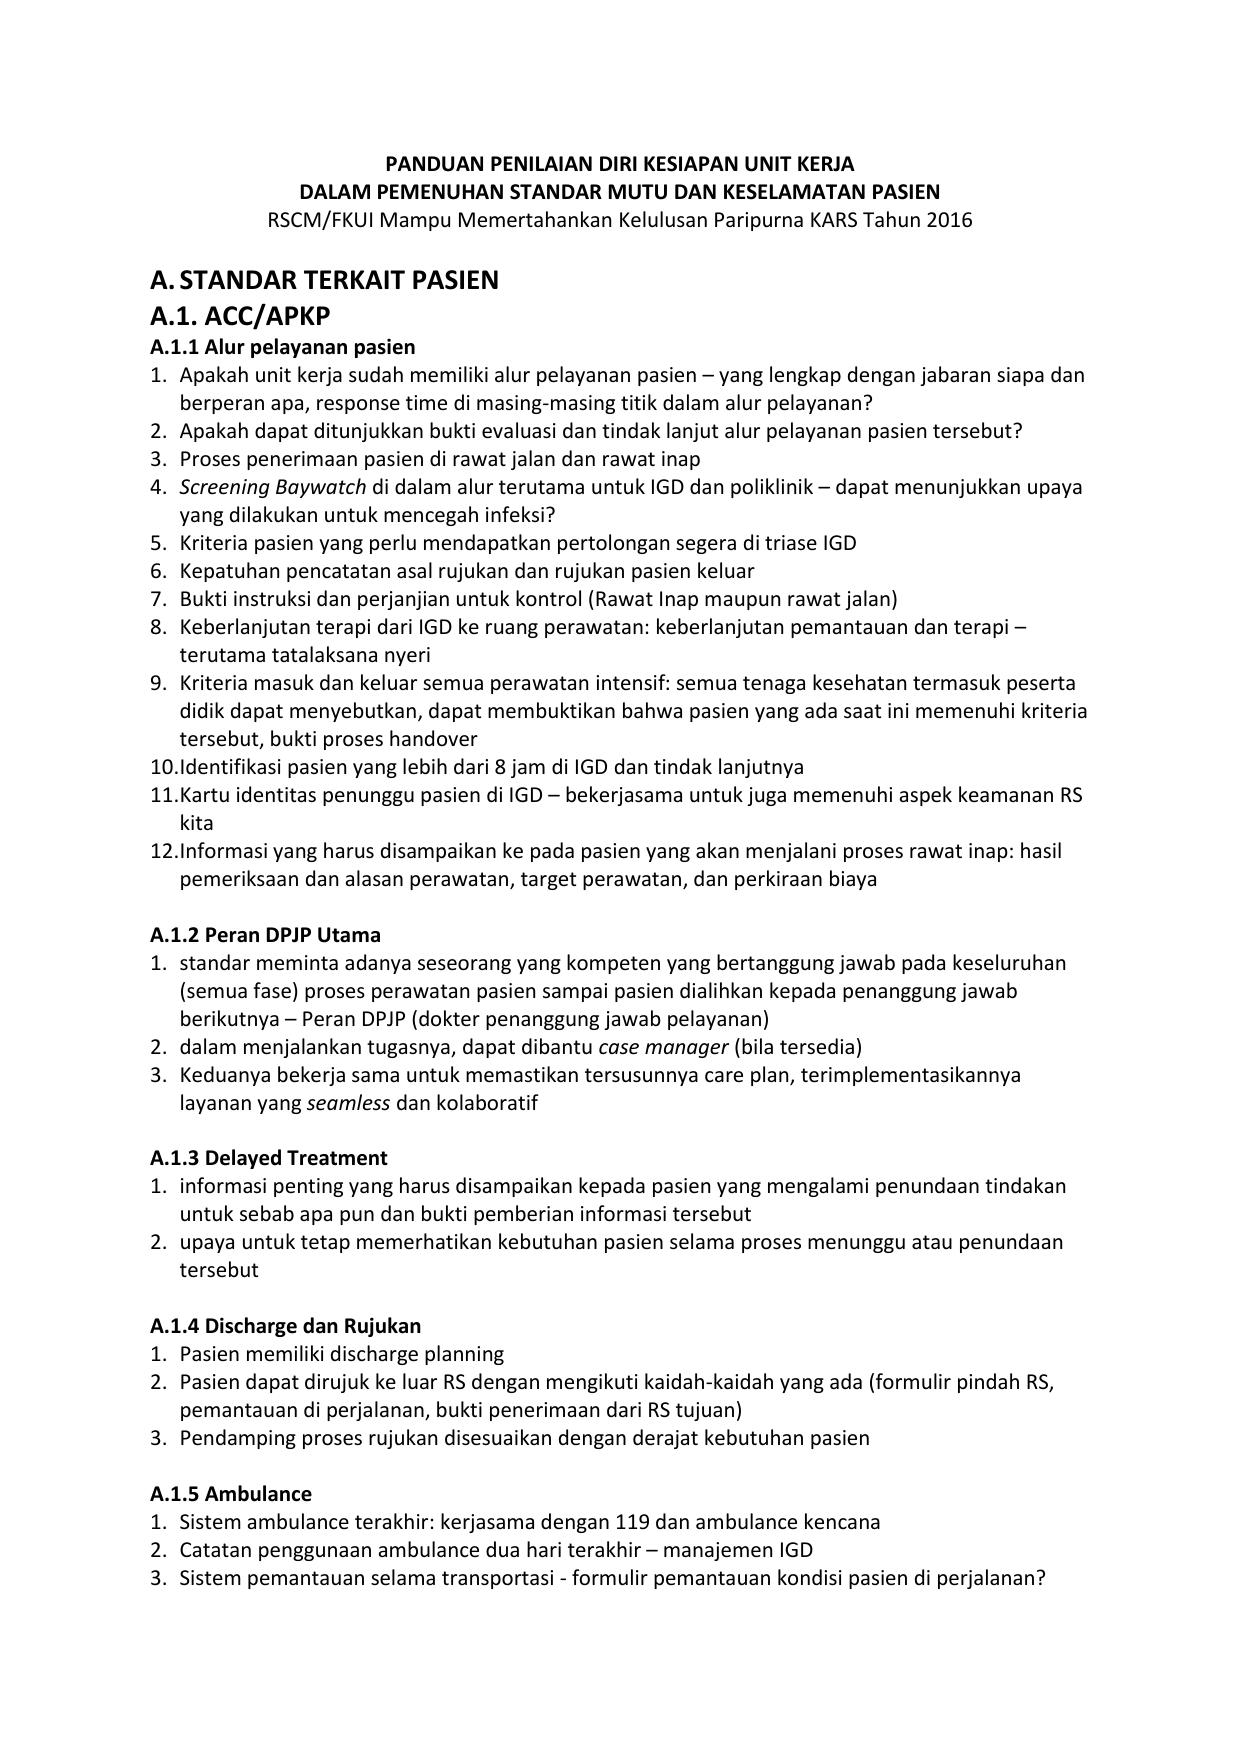 standar terkait pasien a 1  acc/apkp